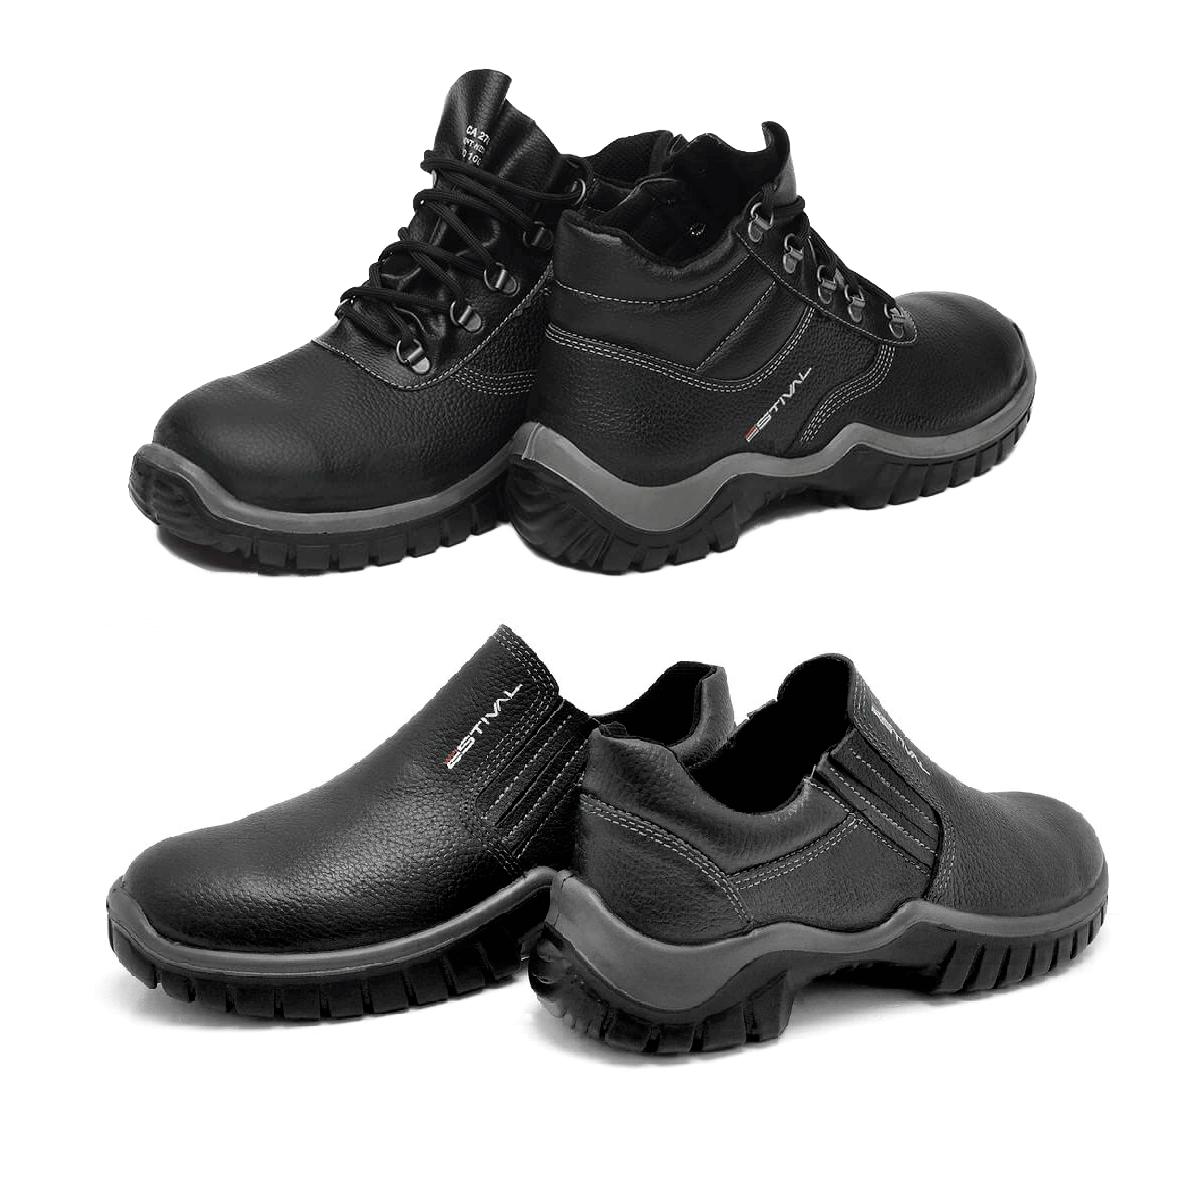 b9fd8a0150175 Kit Calçado de Segurança Preto - Estival Wo10021s1 + Wo10031s1